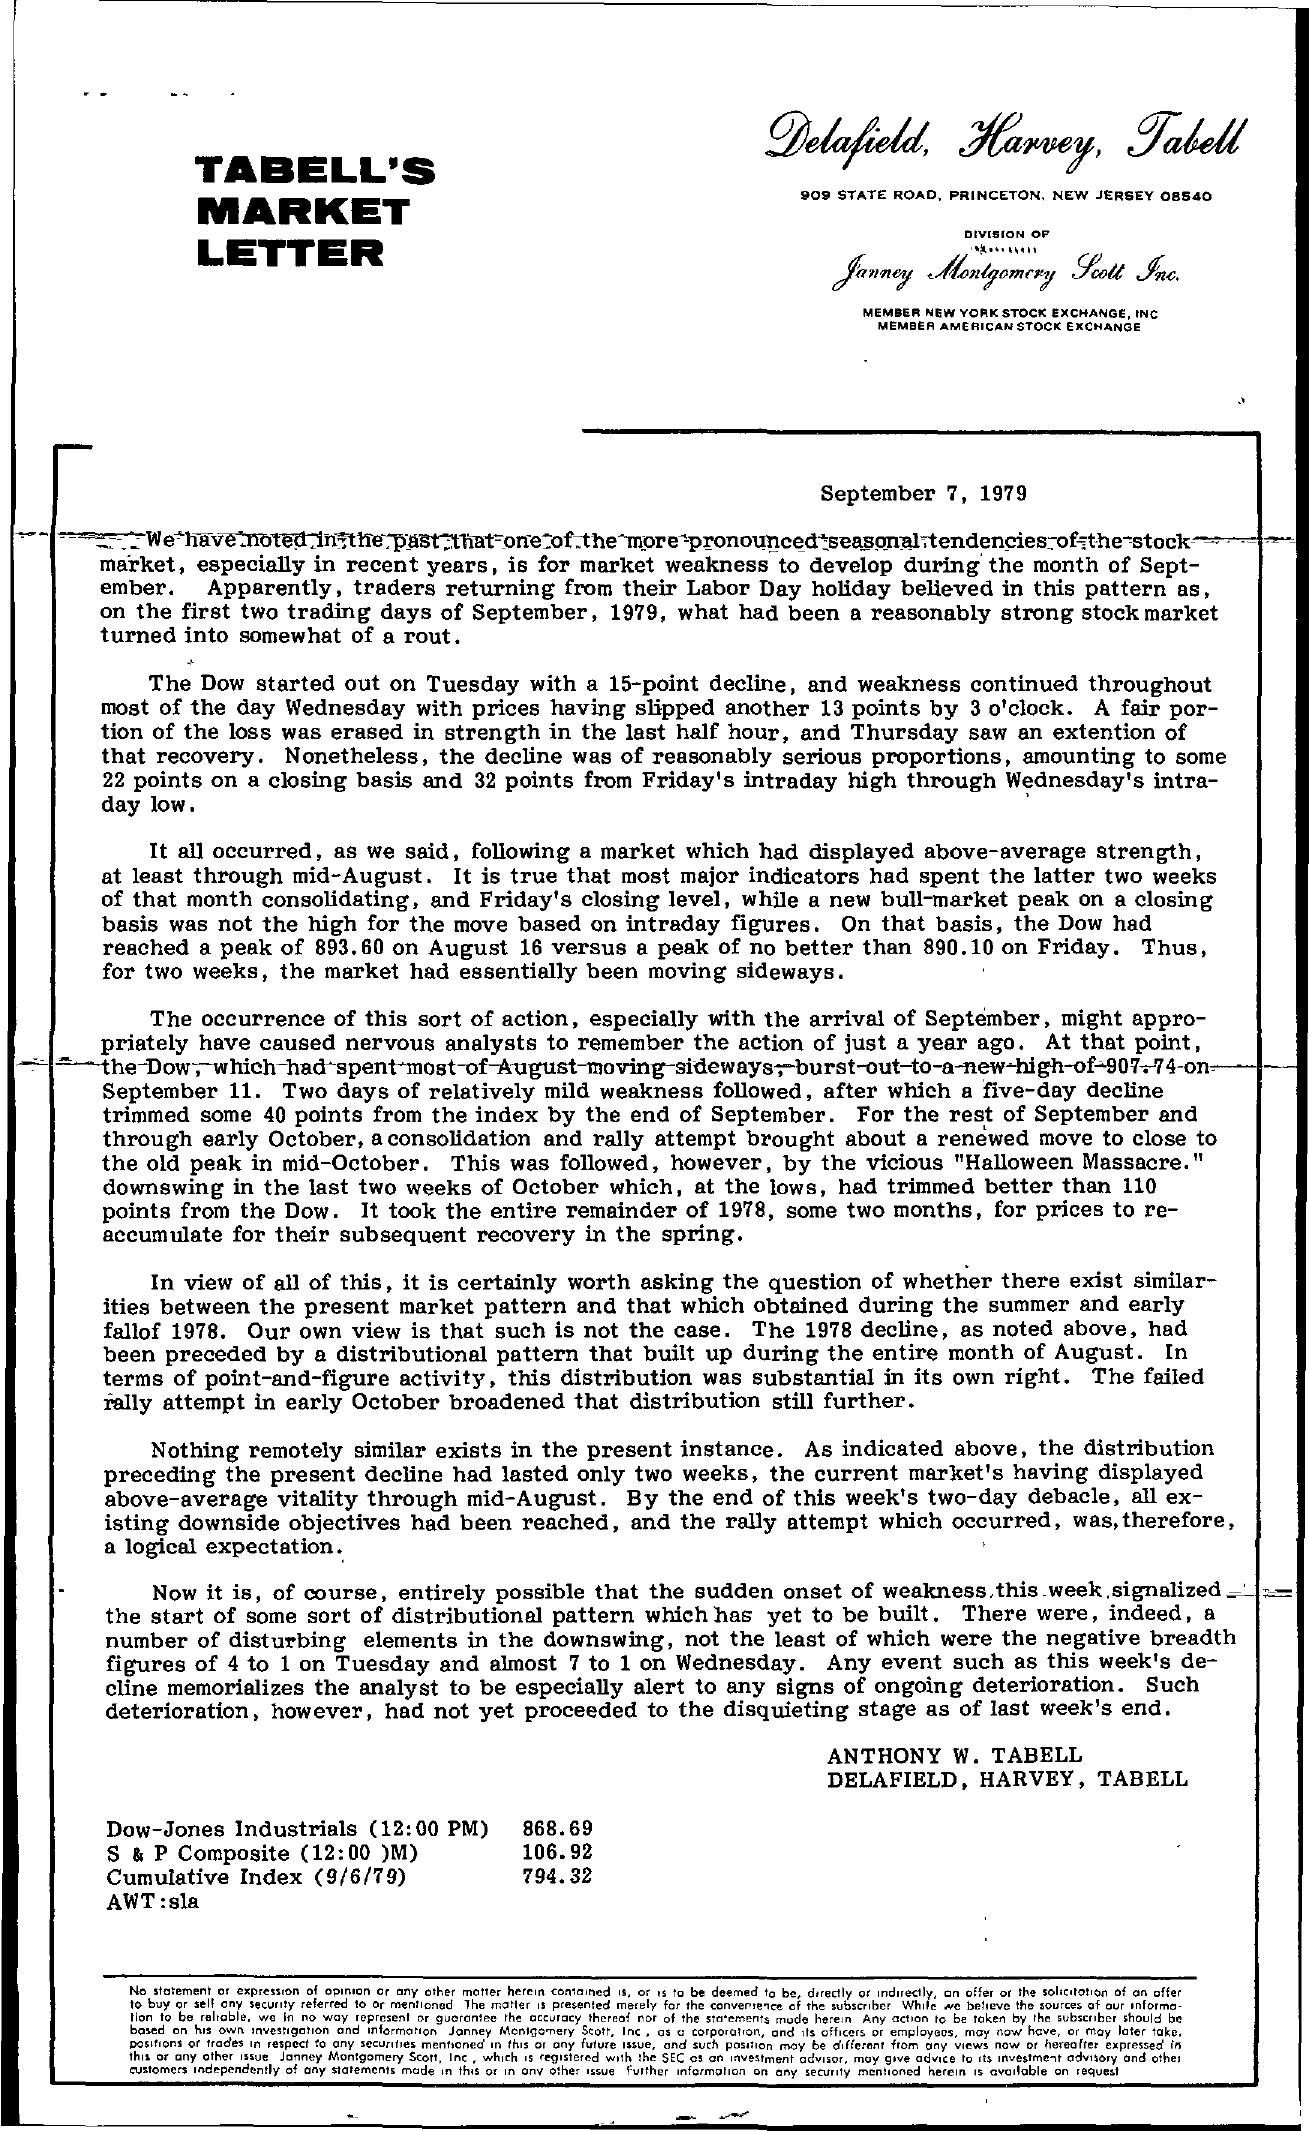 Tabell's Market Letter - September 07, 1979